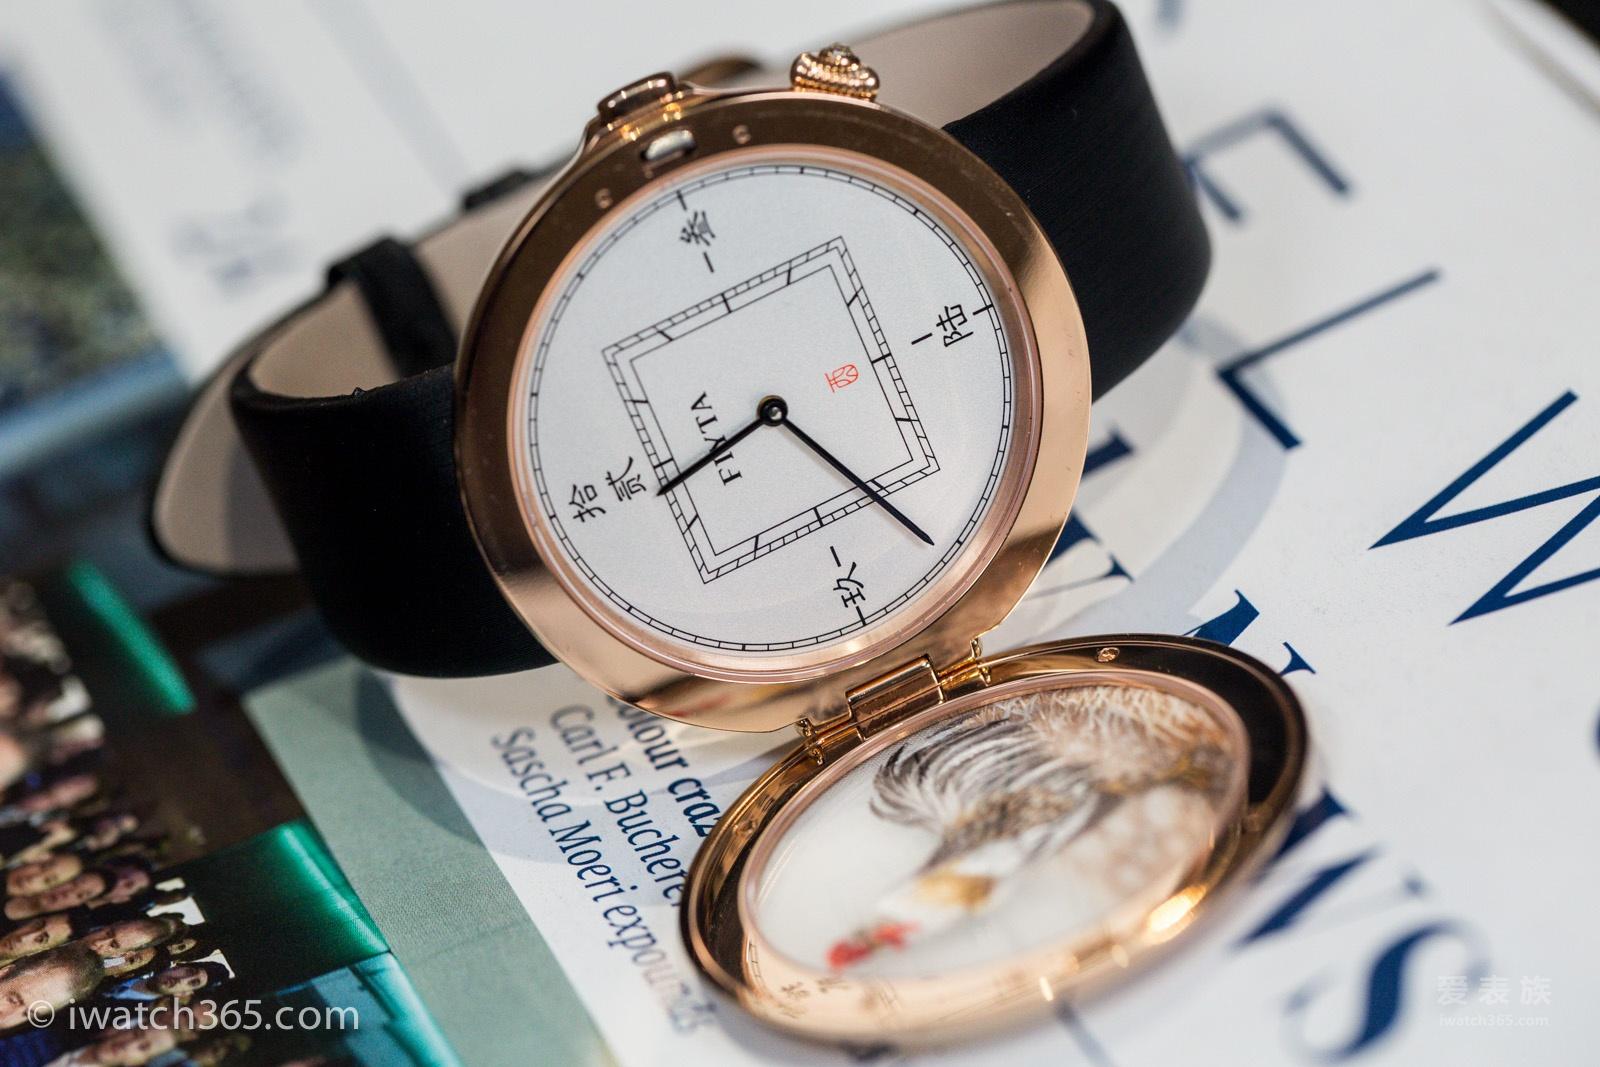 越来越重设计的国产表-2017巴塞尔钟表展飞亚达新款手表点评